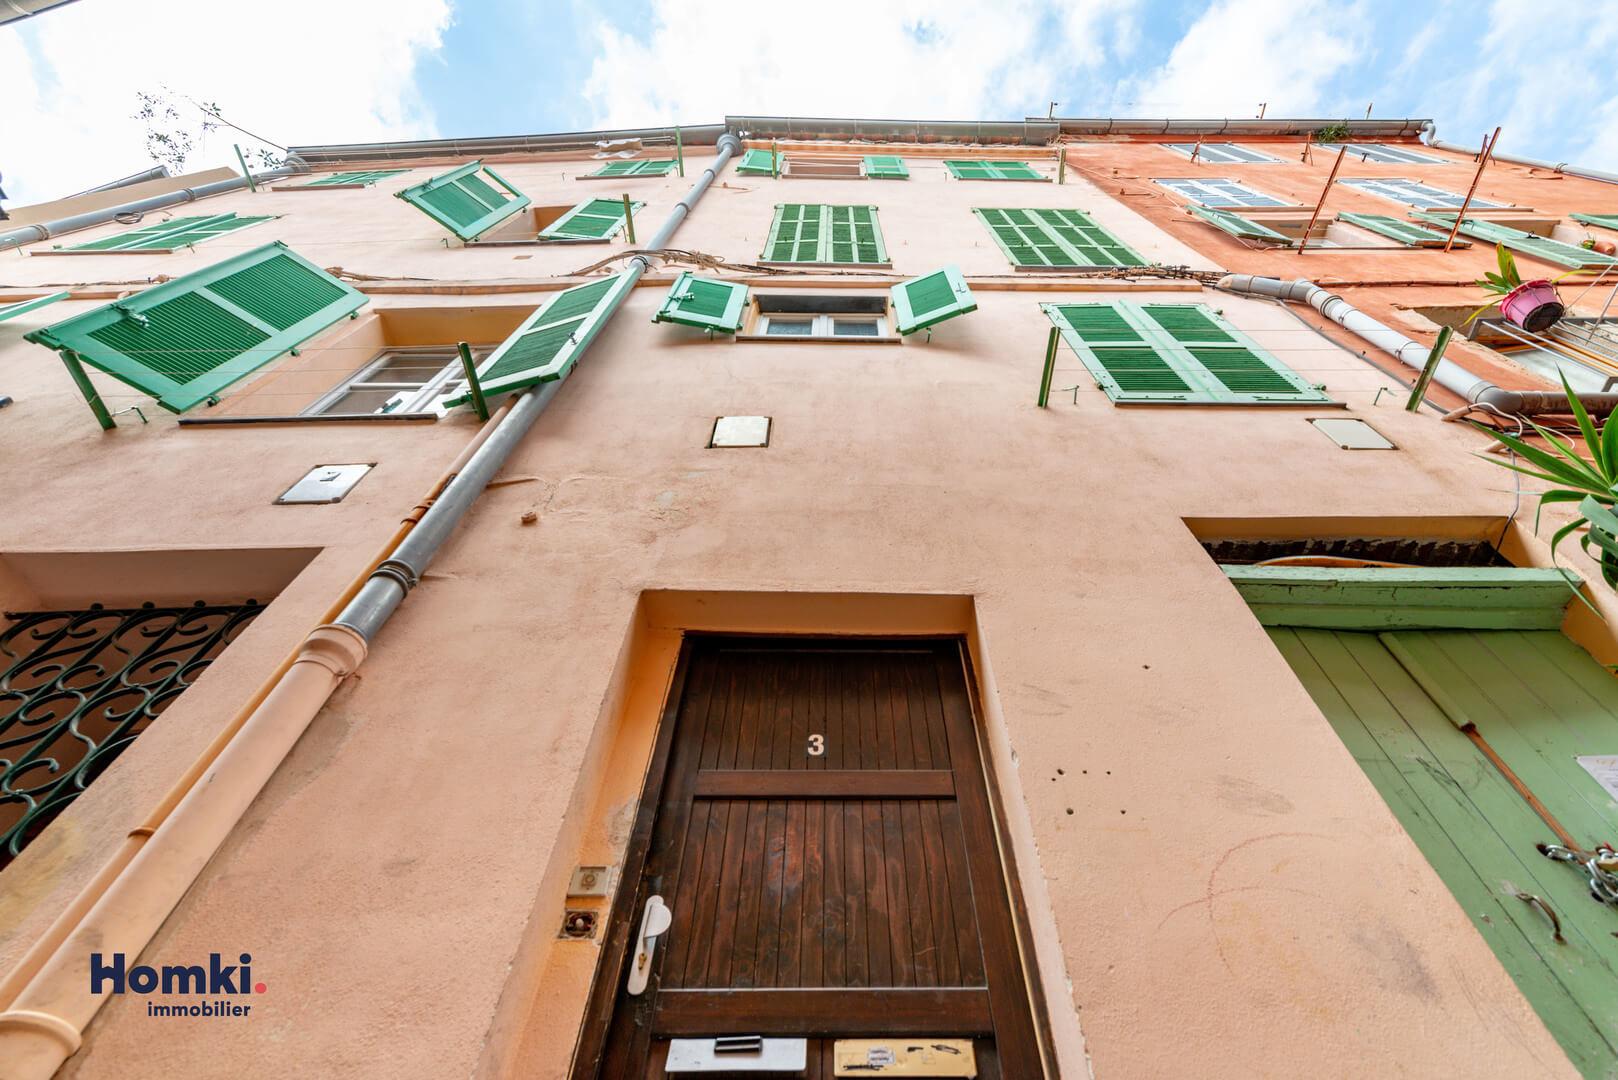 Vente appartement Menton T2 06500 Côte d'Azur French Riviera Investissement_9